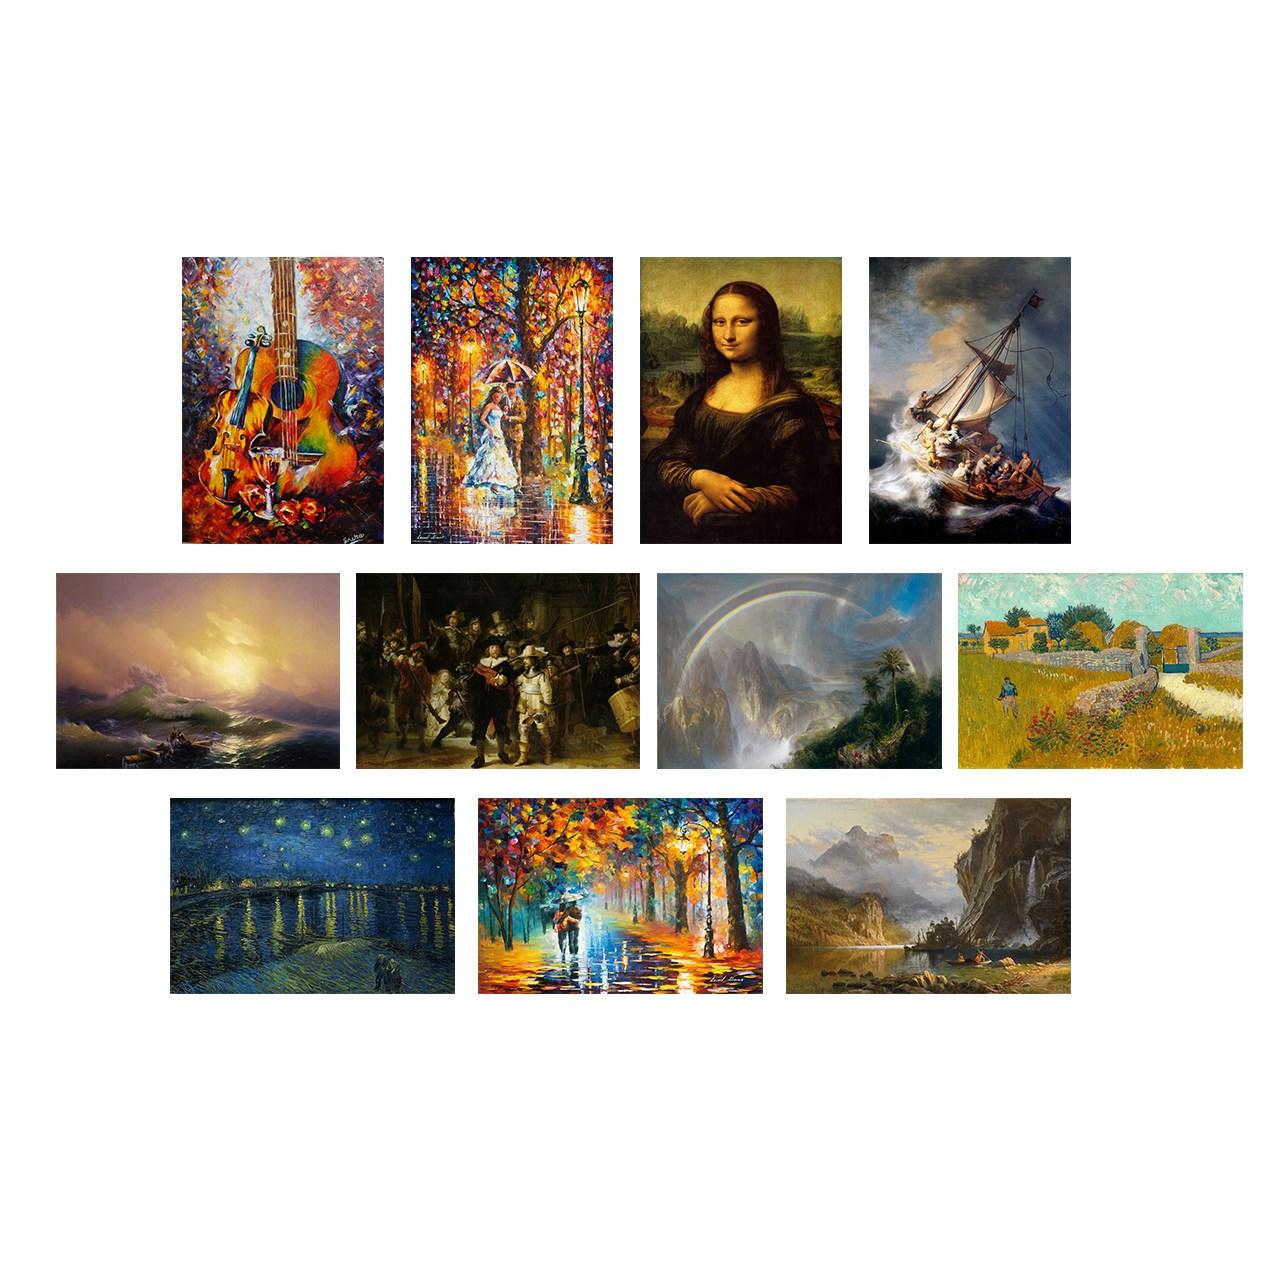 تابلو شاسی گالری هنری پیکاسو طرح مجموعه 11 عددی معروف ترین نقاشی های جهان شماره2